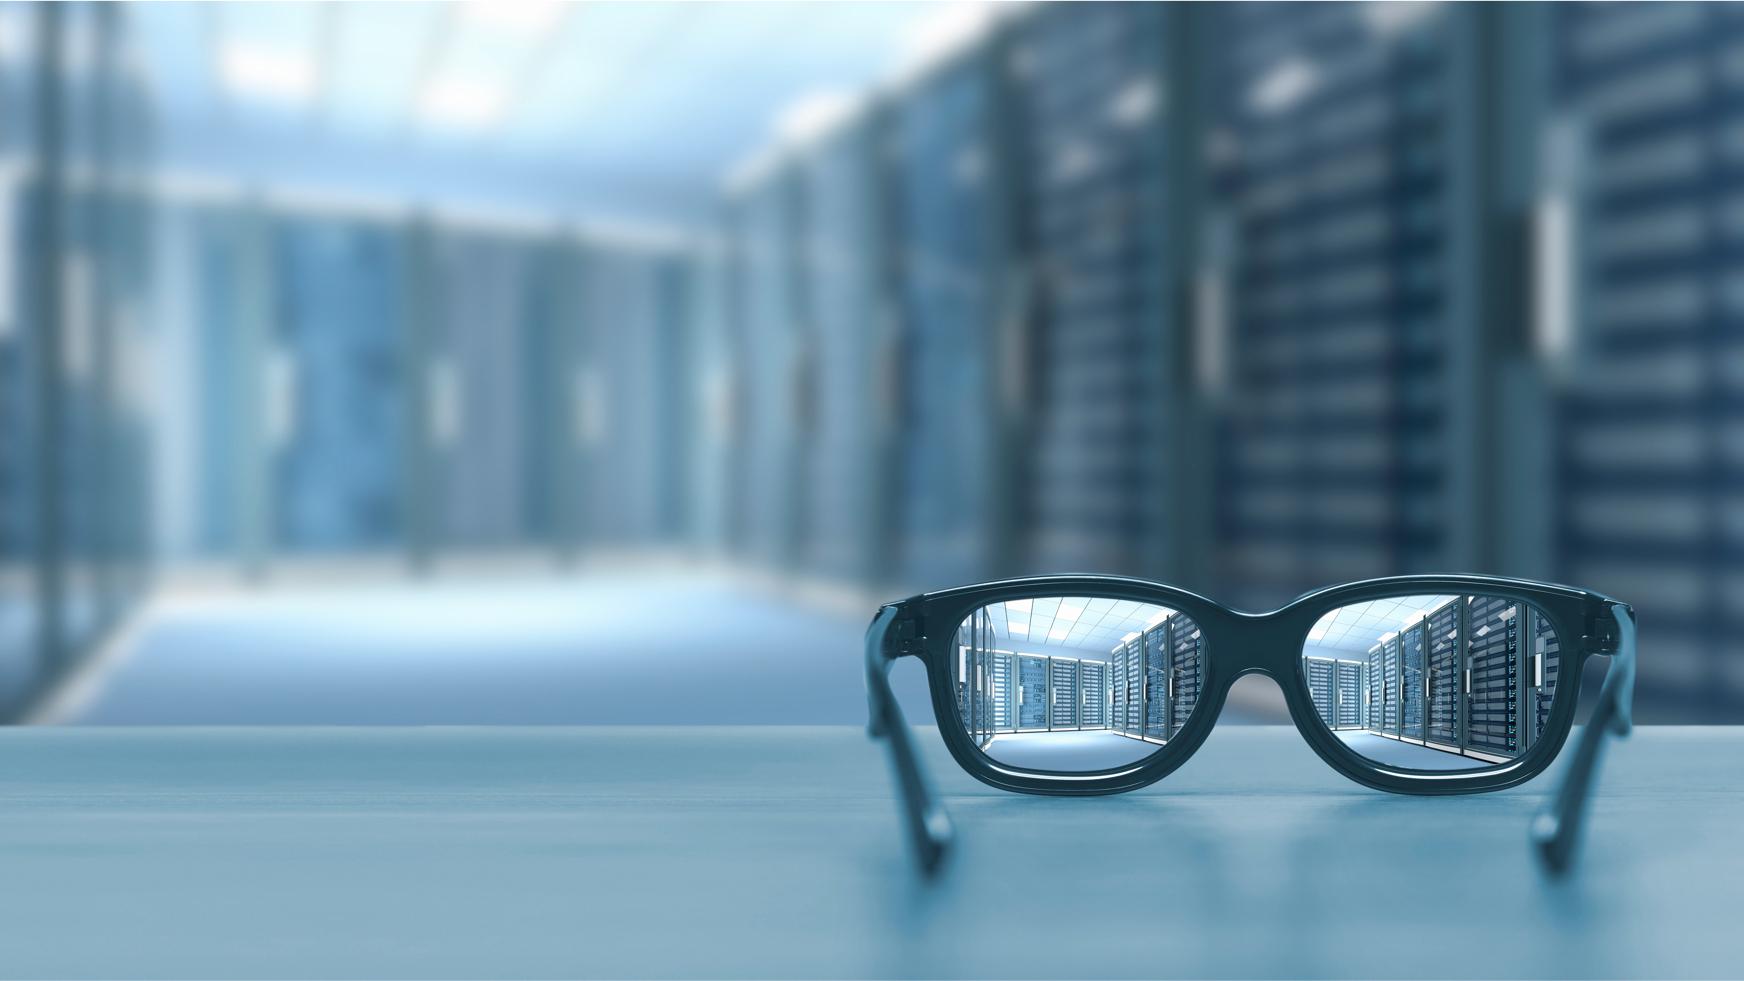 CIO_Systems_big